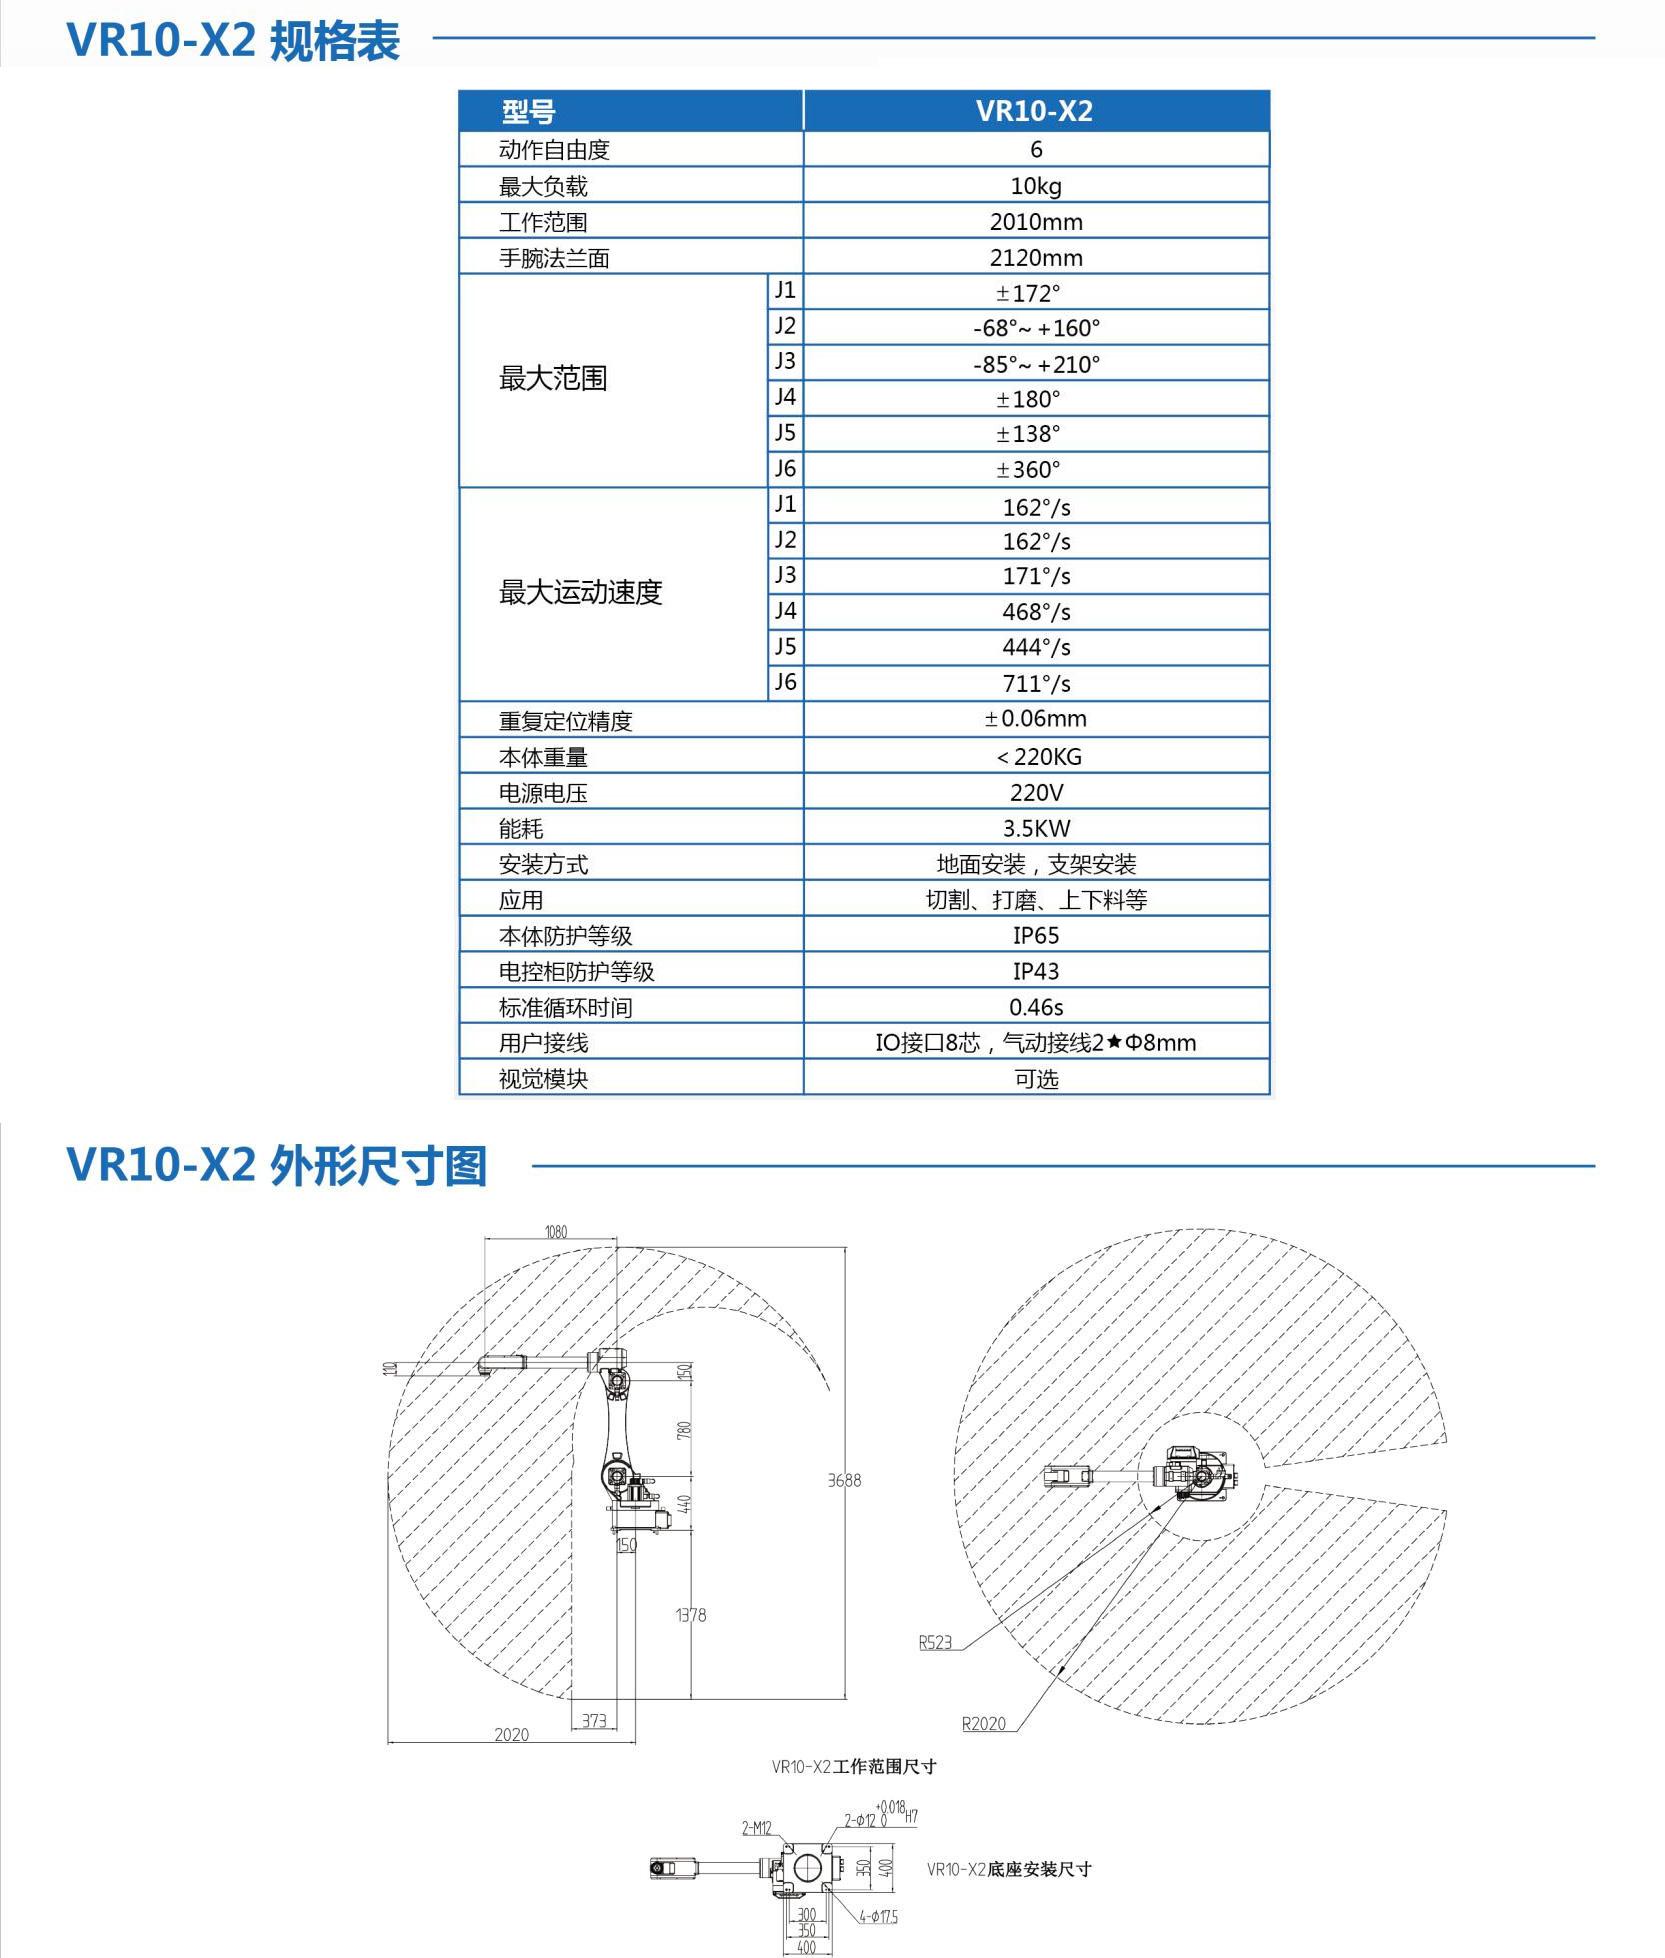 10kg 六关节机械人 (2019款)